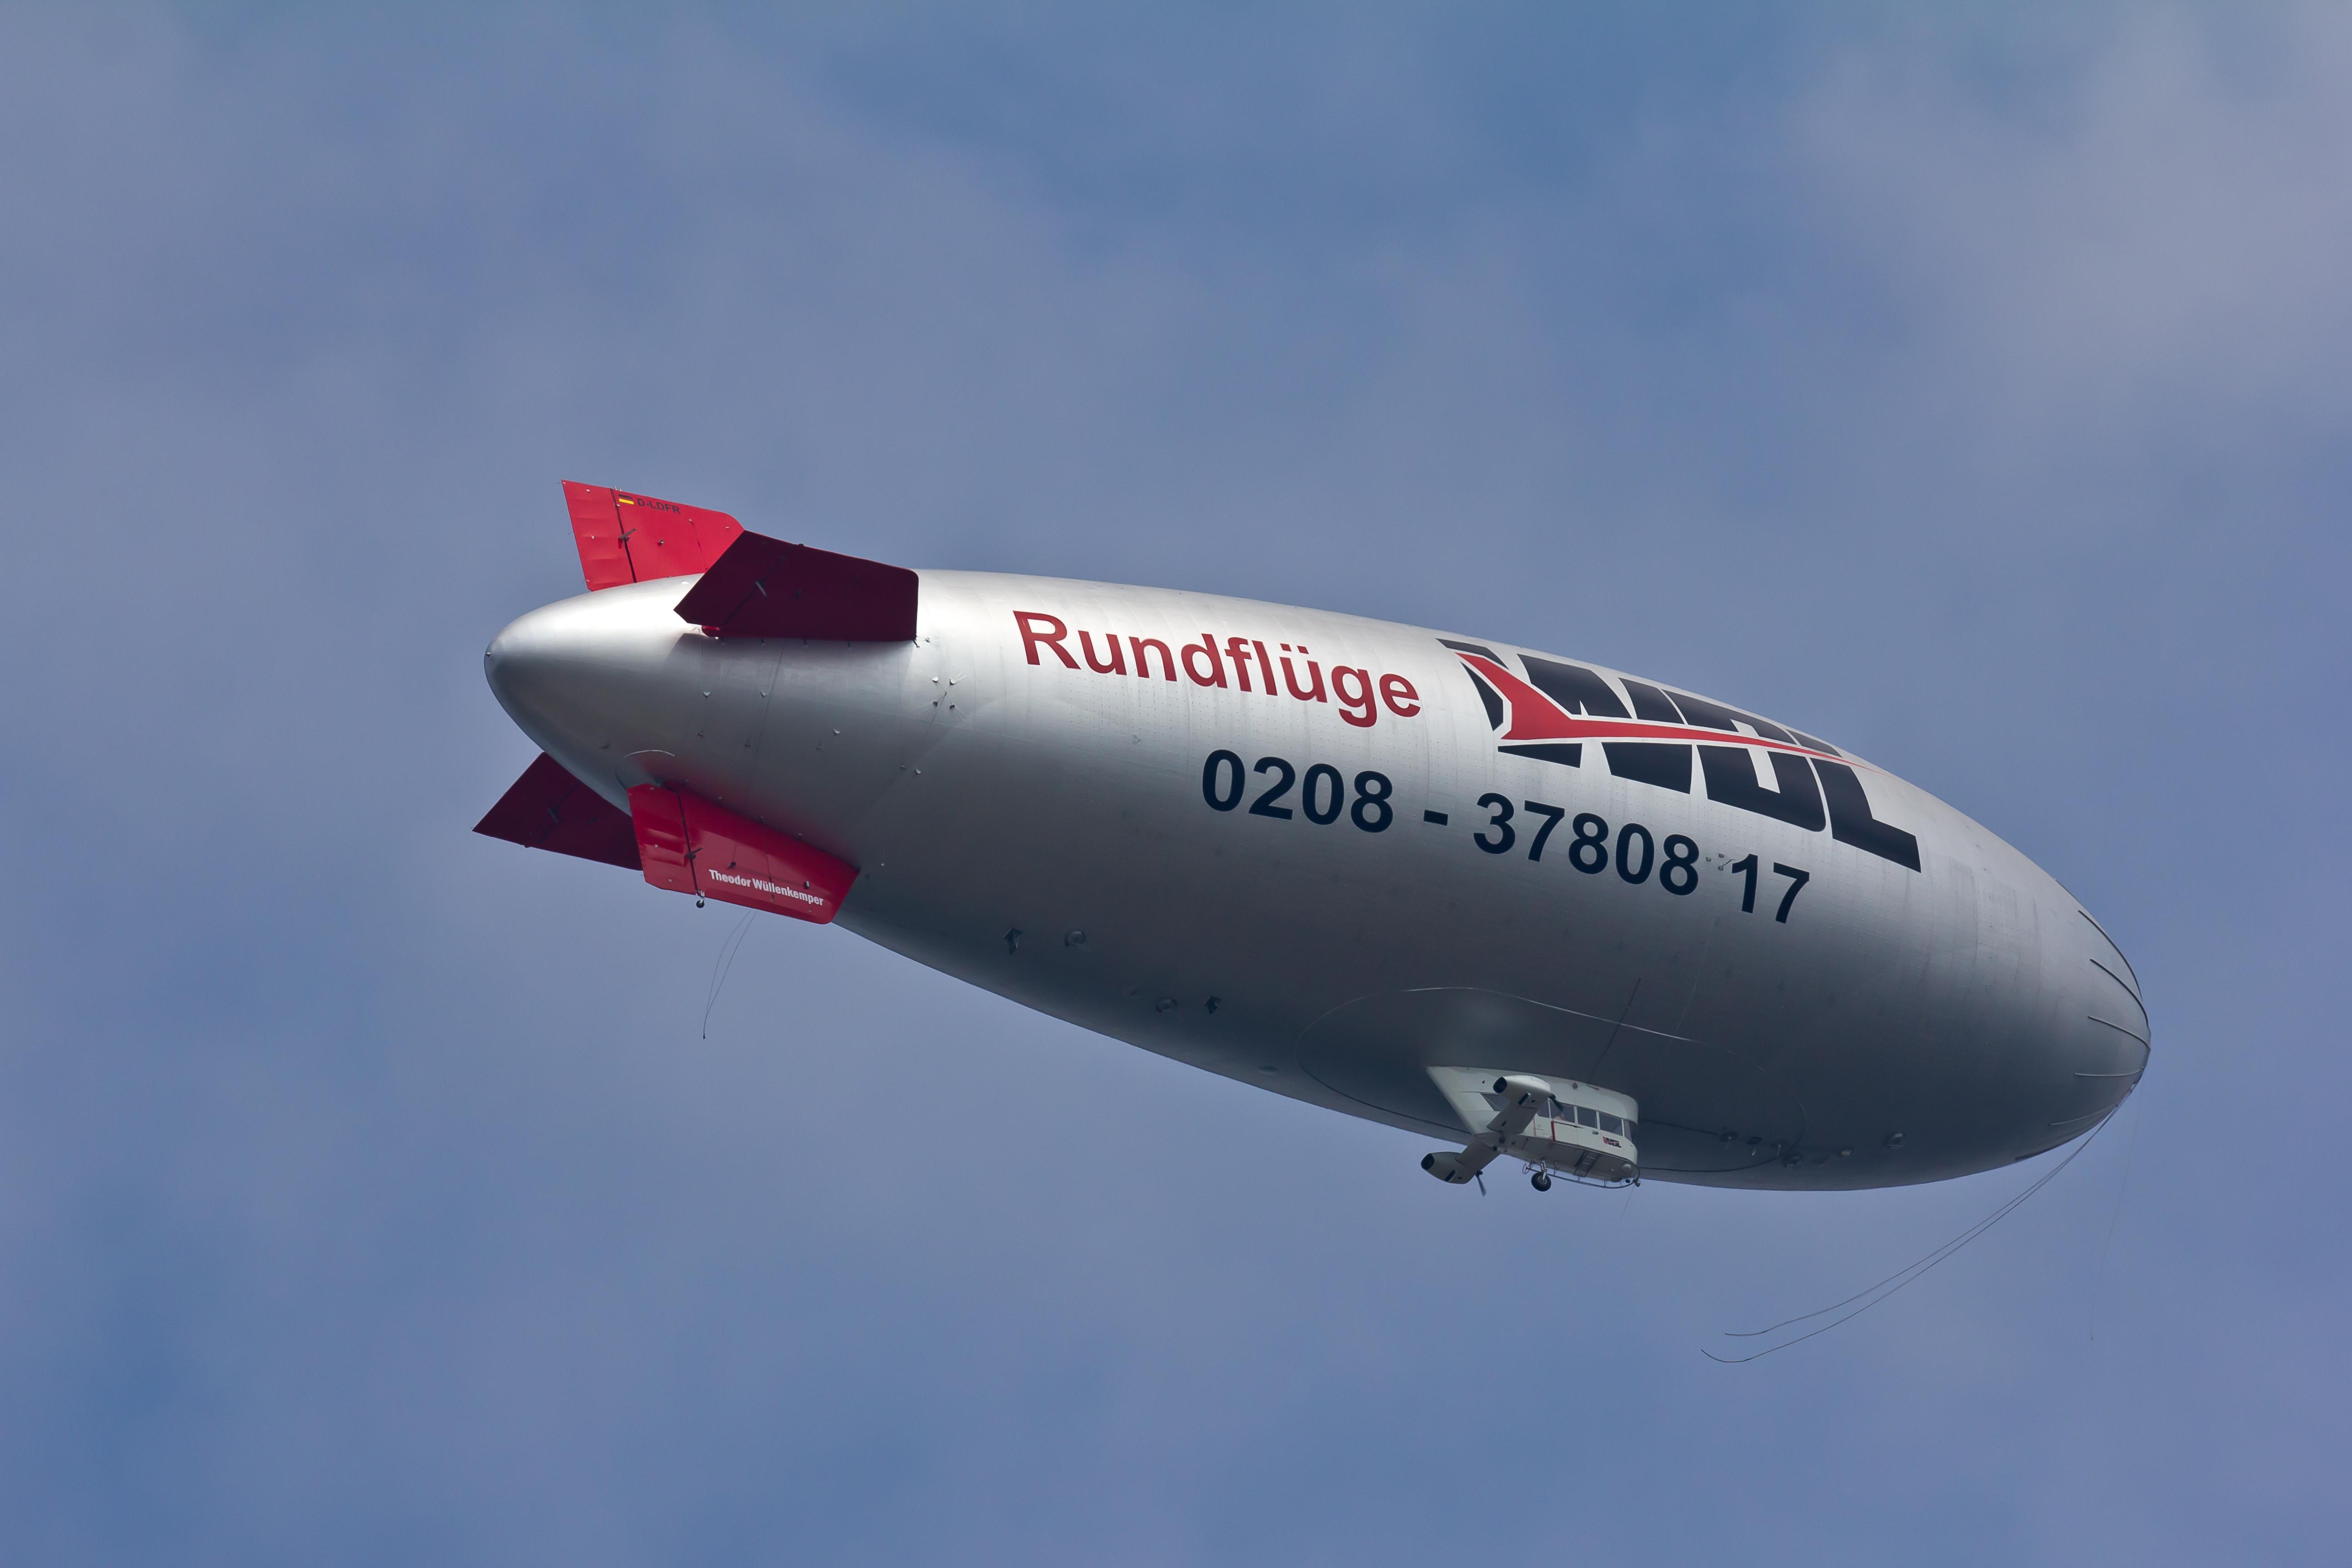 File:Luftschiff D-LDFR der WDL Luftschiffgesellschaft-2456.jpg